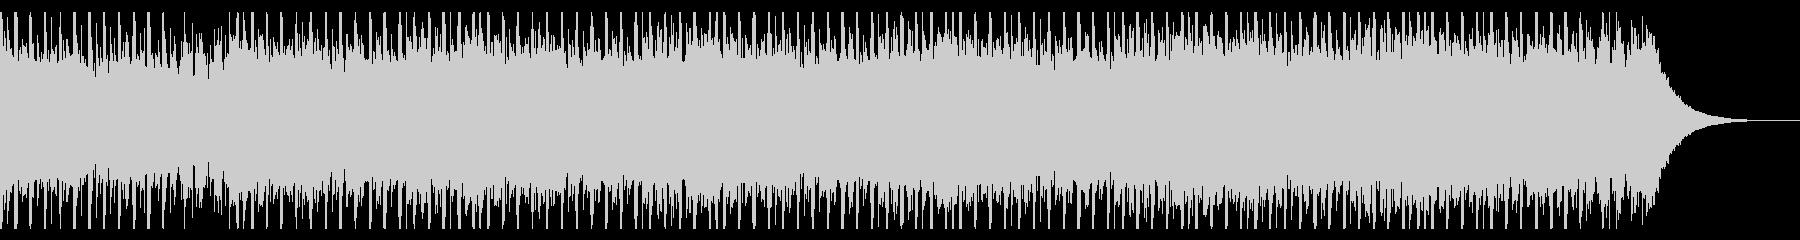 建設ビル(60秒)の未再生の波形